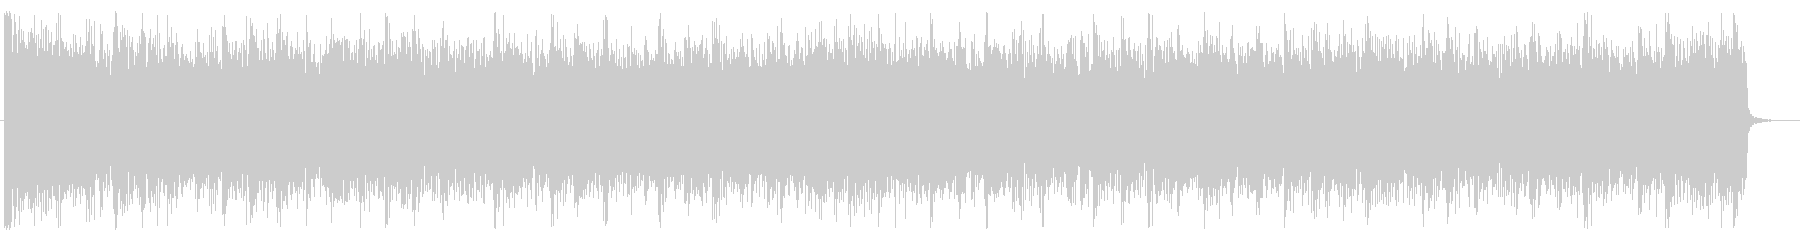 重厚/シンプル/ロック_No600_4の未再生の波形